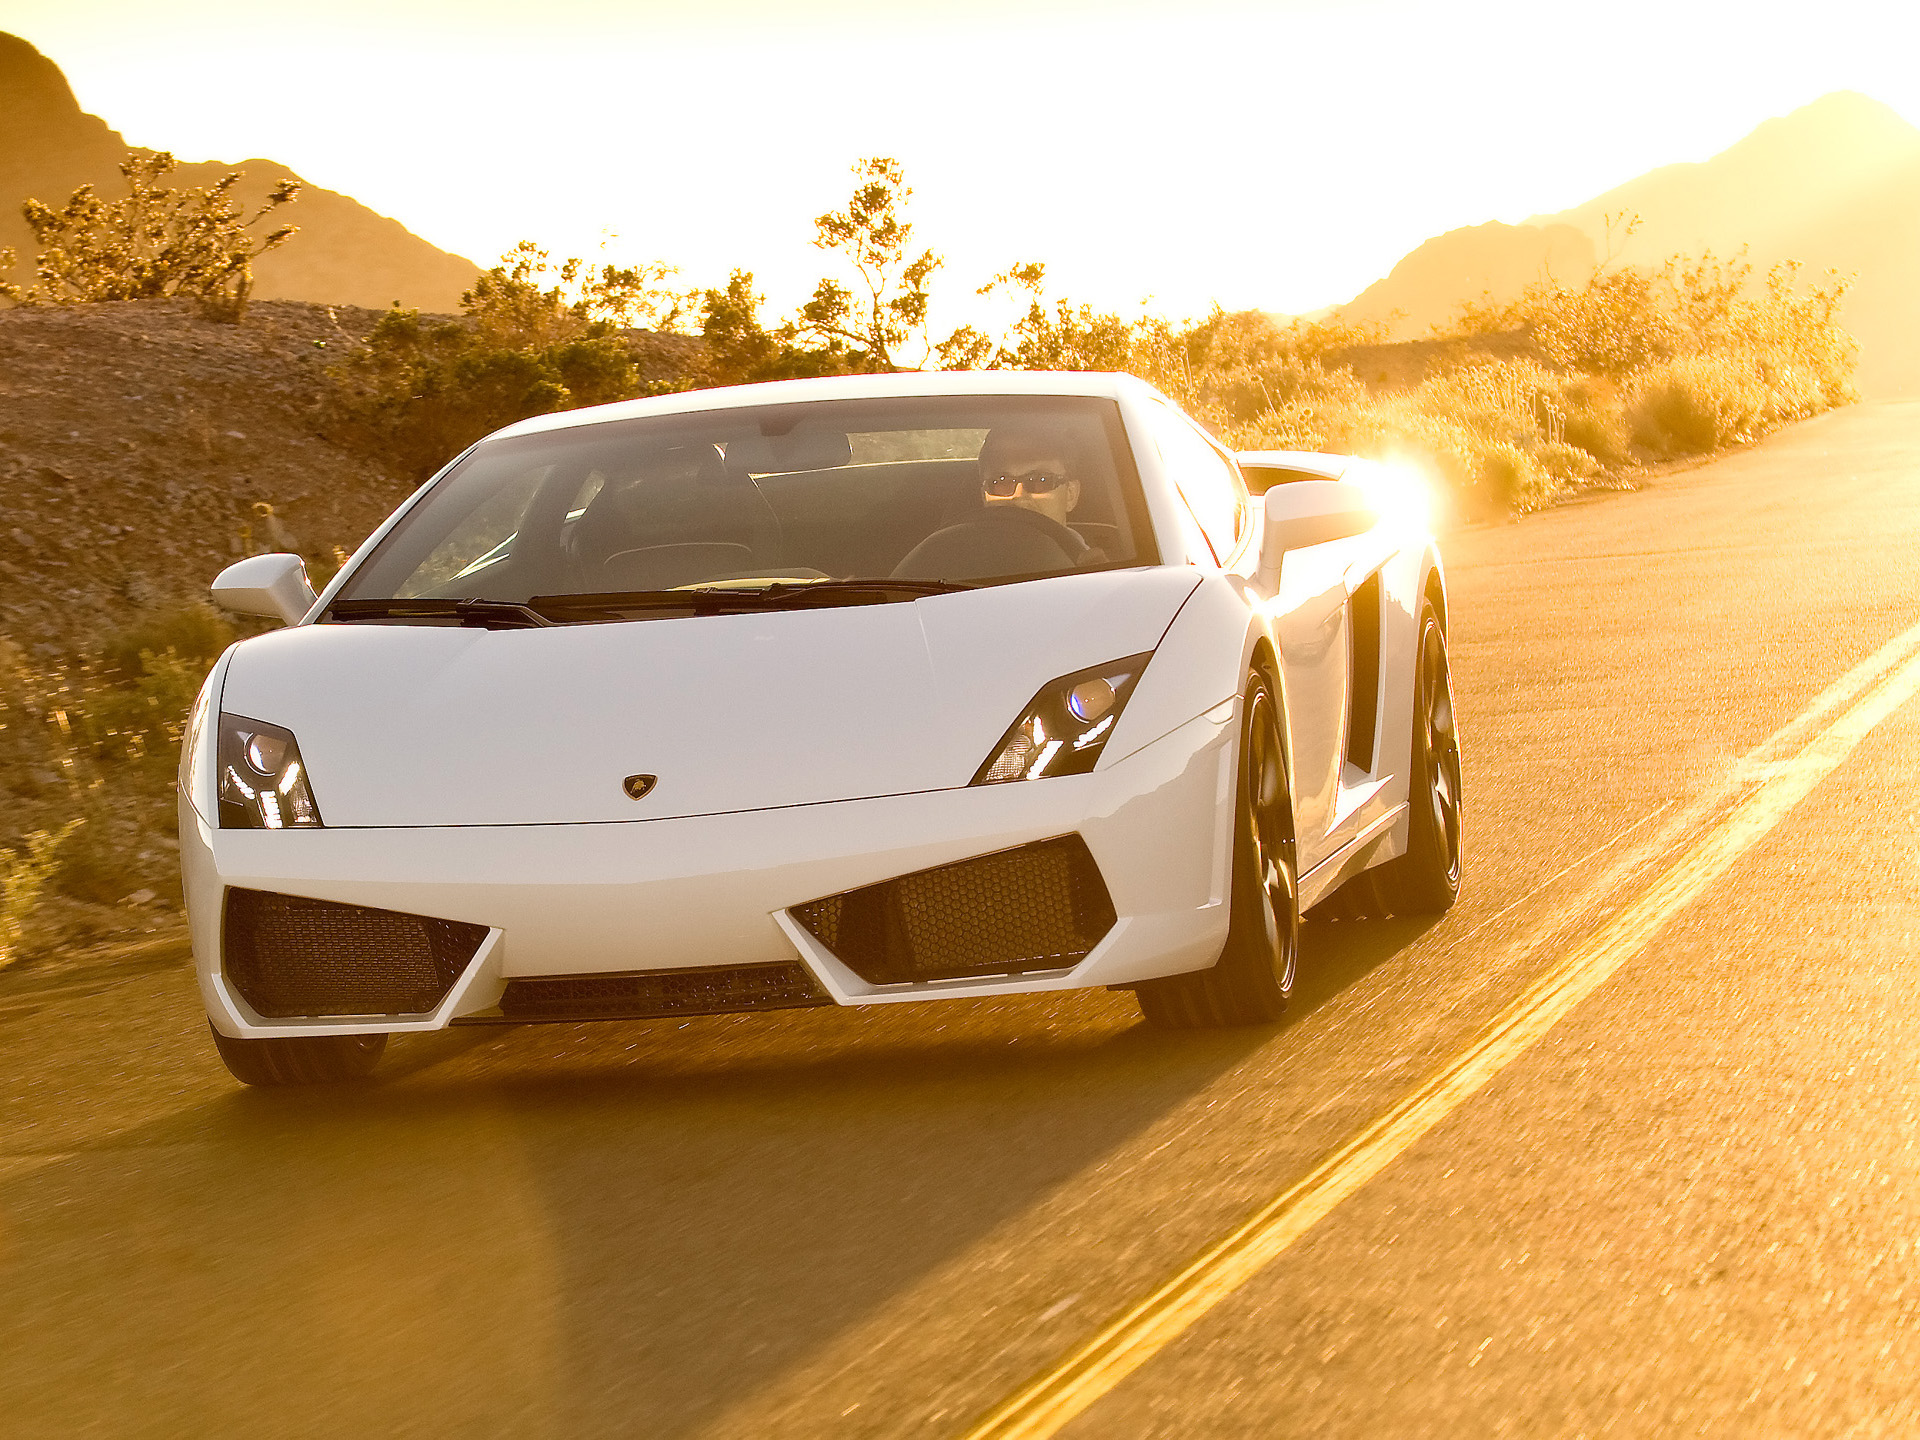 2009 Lamborghini Gallardo Lp560 4 Hd Pictures Carsinvasion Com